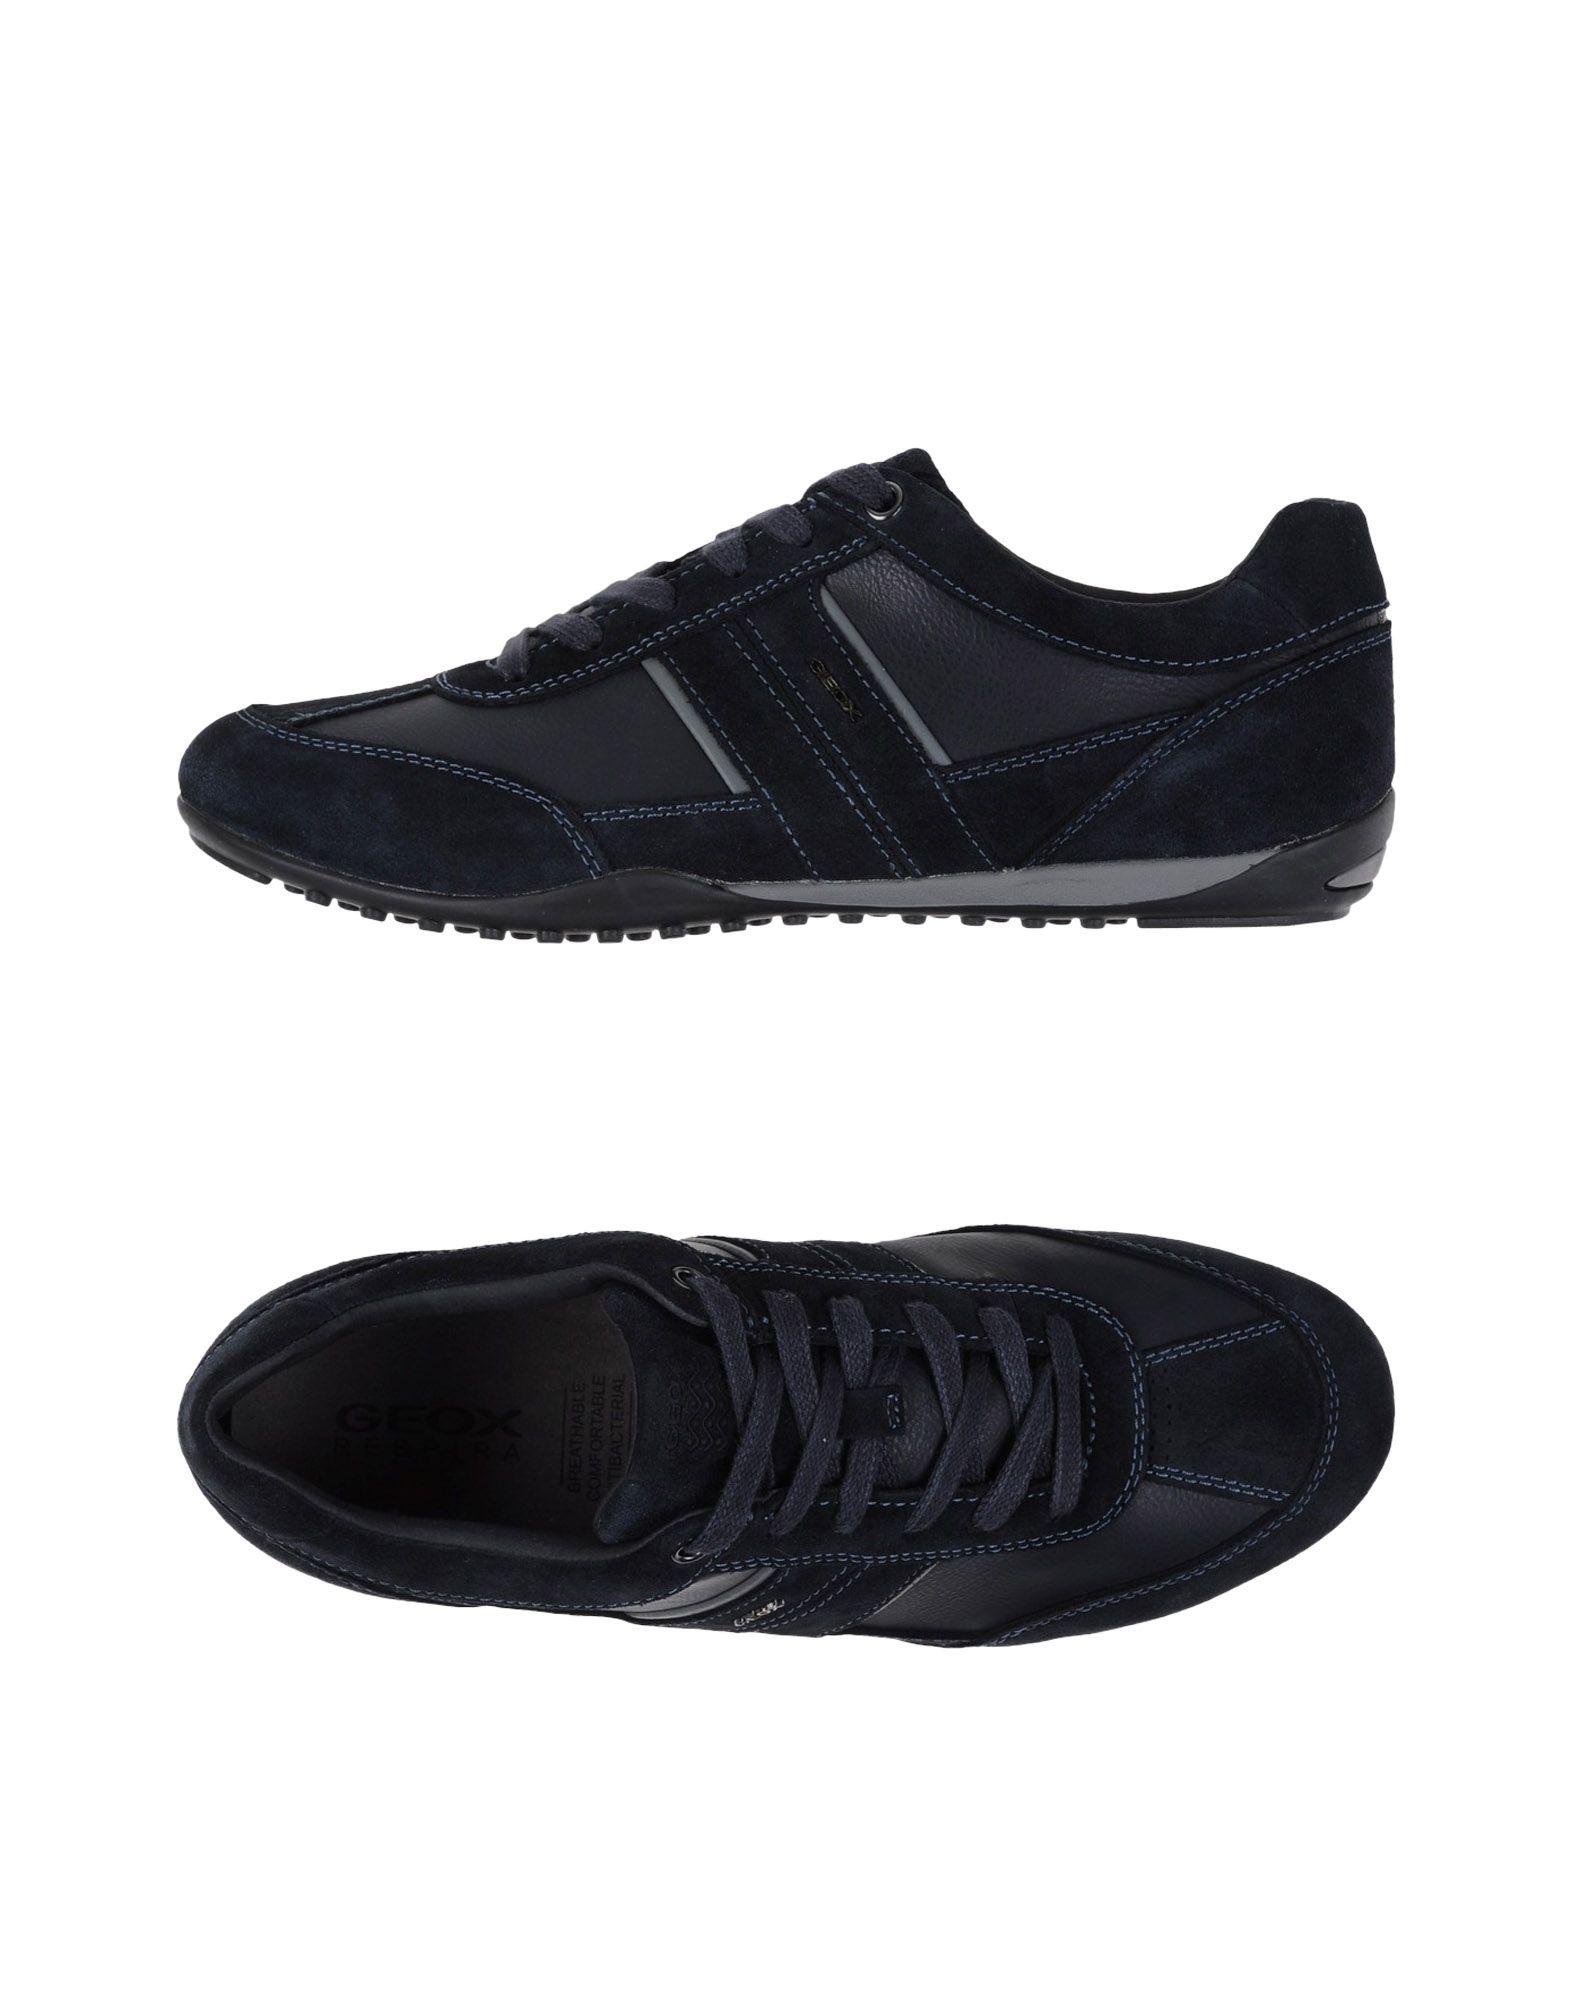 Sneakers Geox Homme - Sneakers Geox  Bleu foncé Dernières chaussures discount pour hommes et femmes